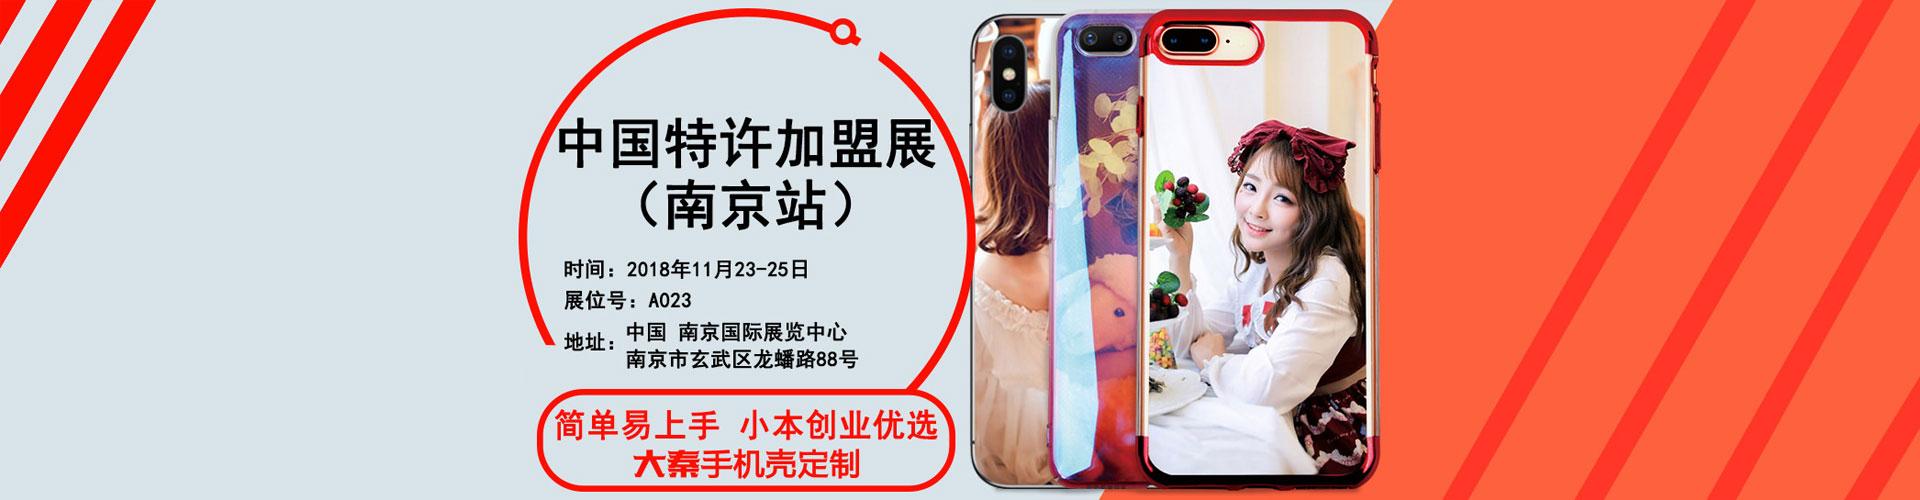 手机零配件展览会